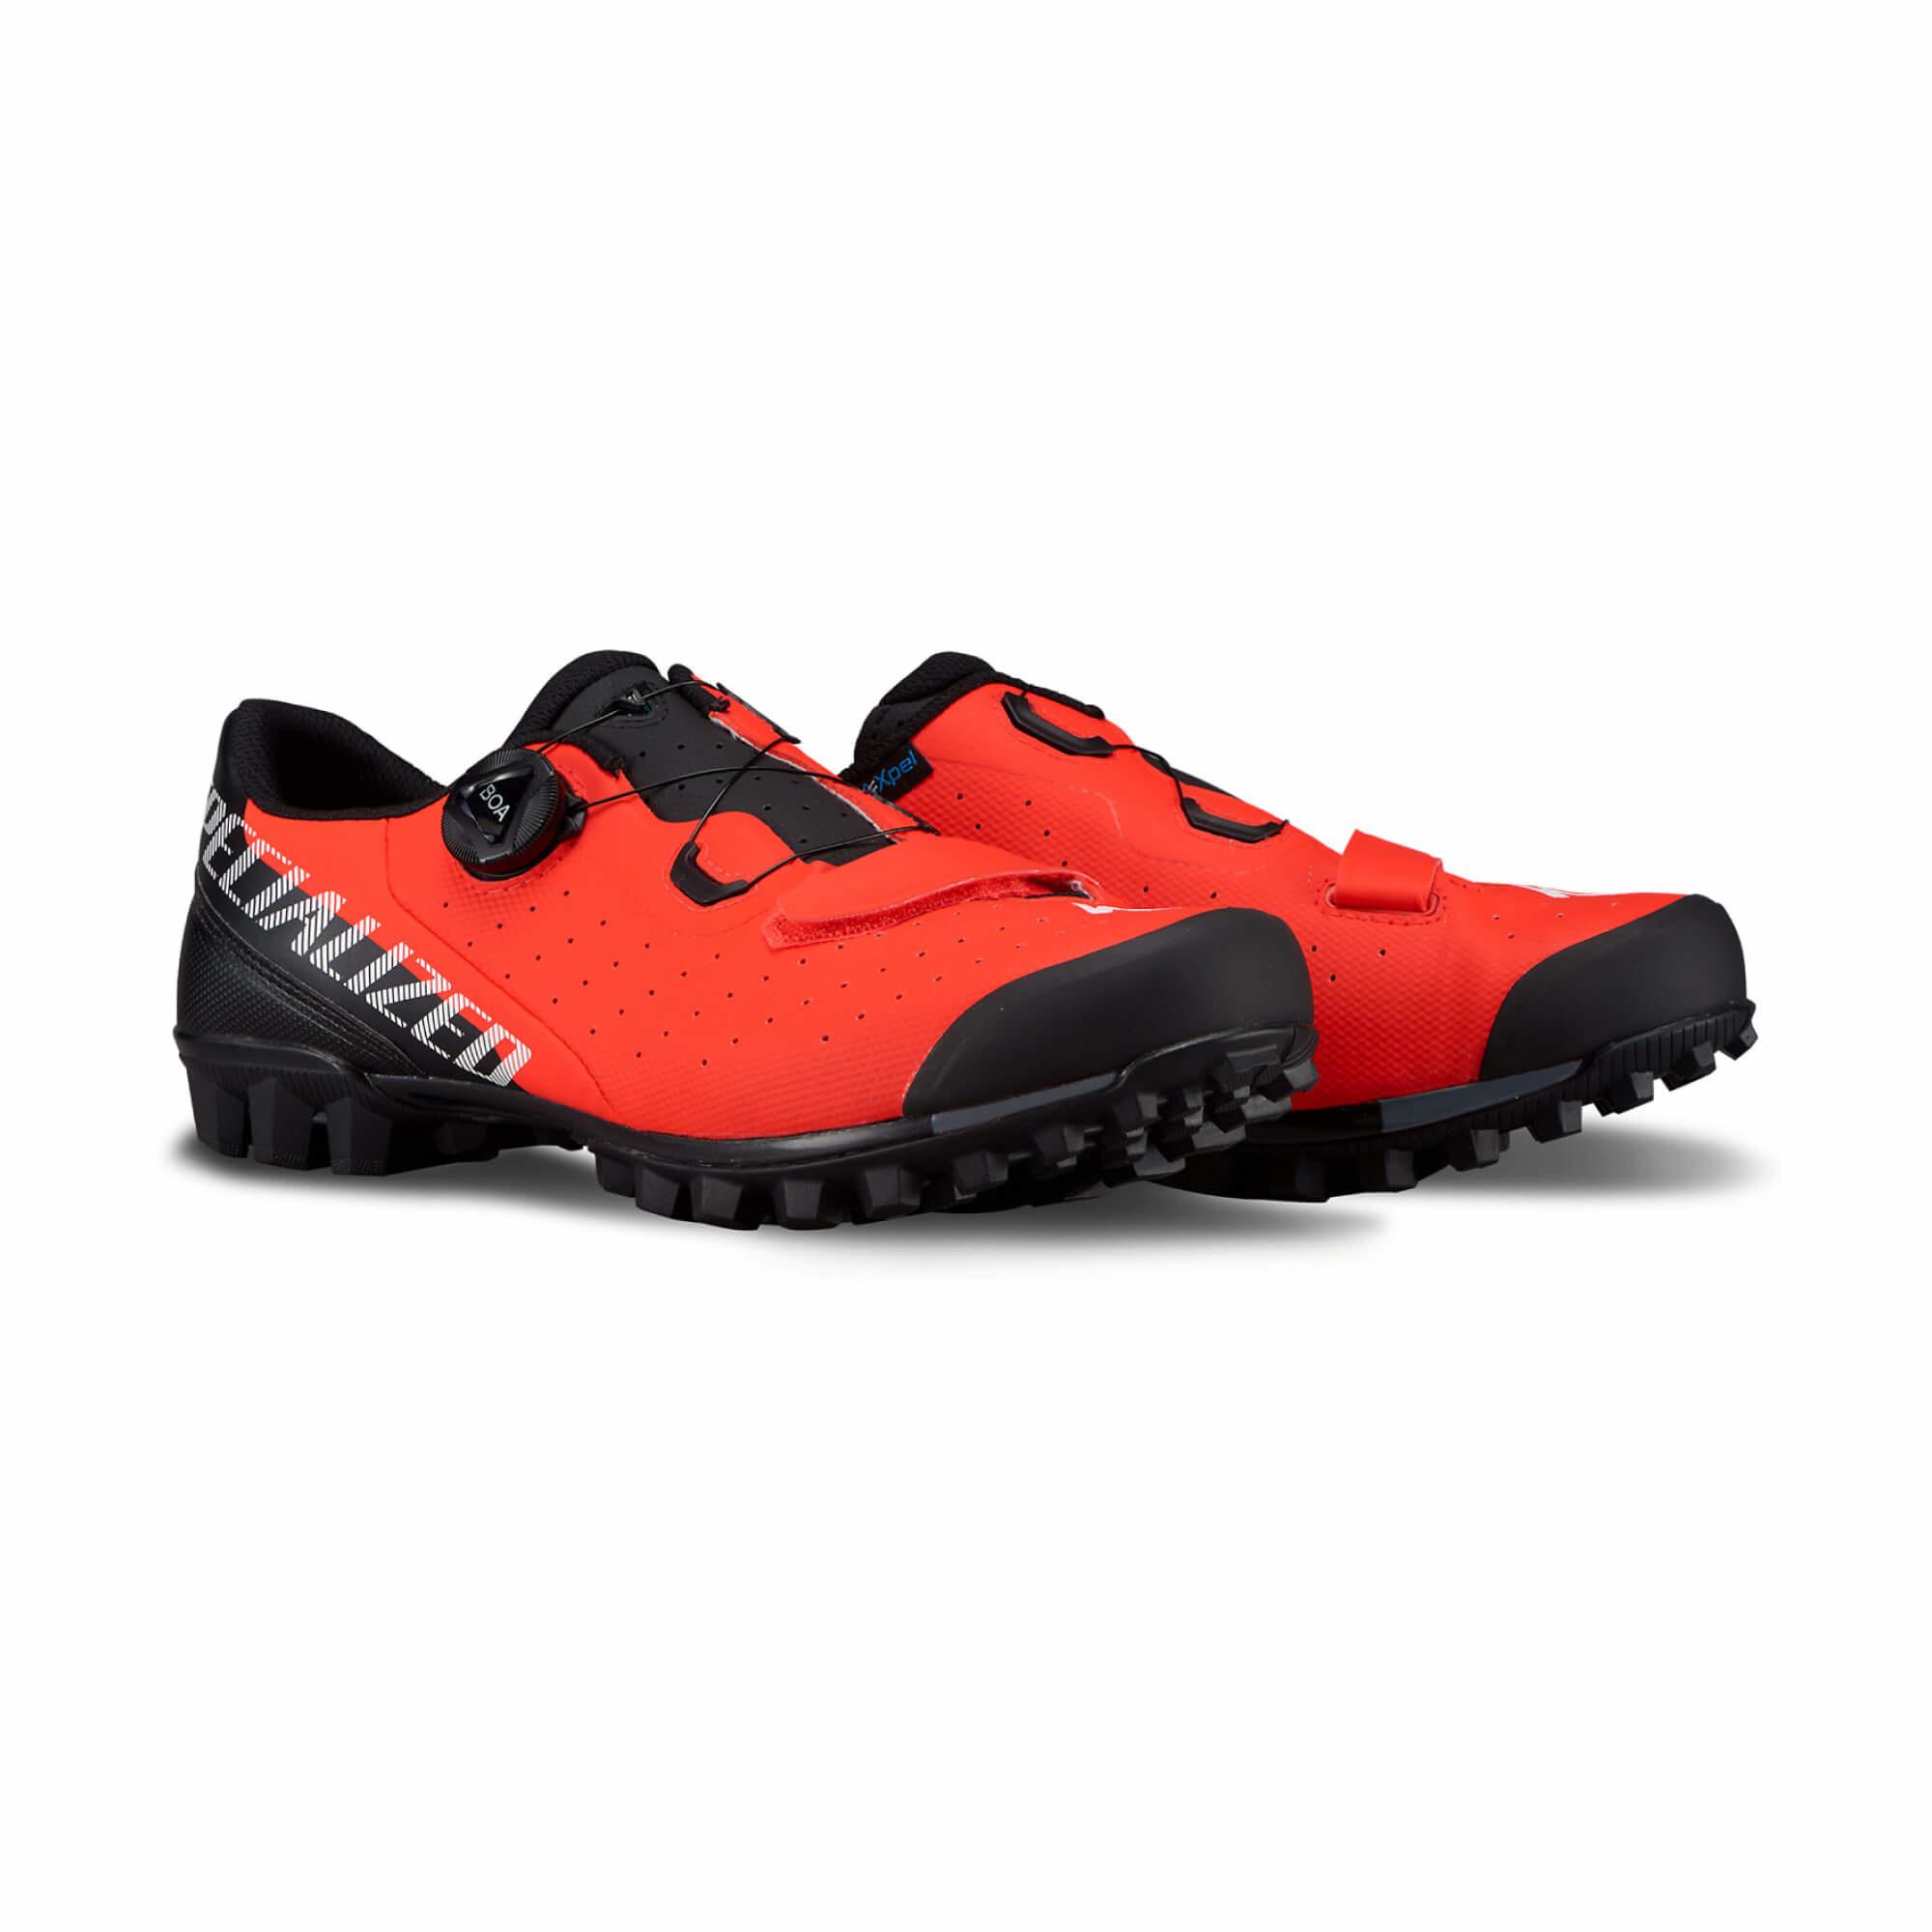 Recon 2.0 Mountain Bike Shoes-9